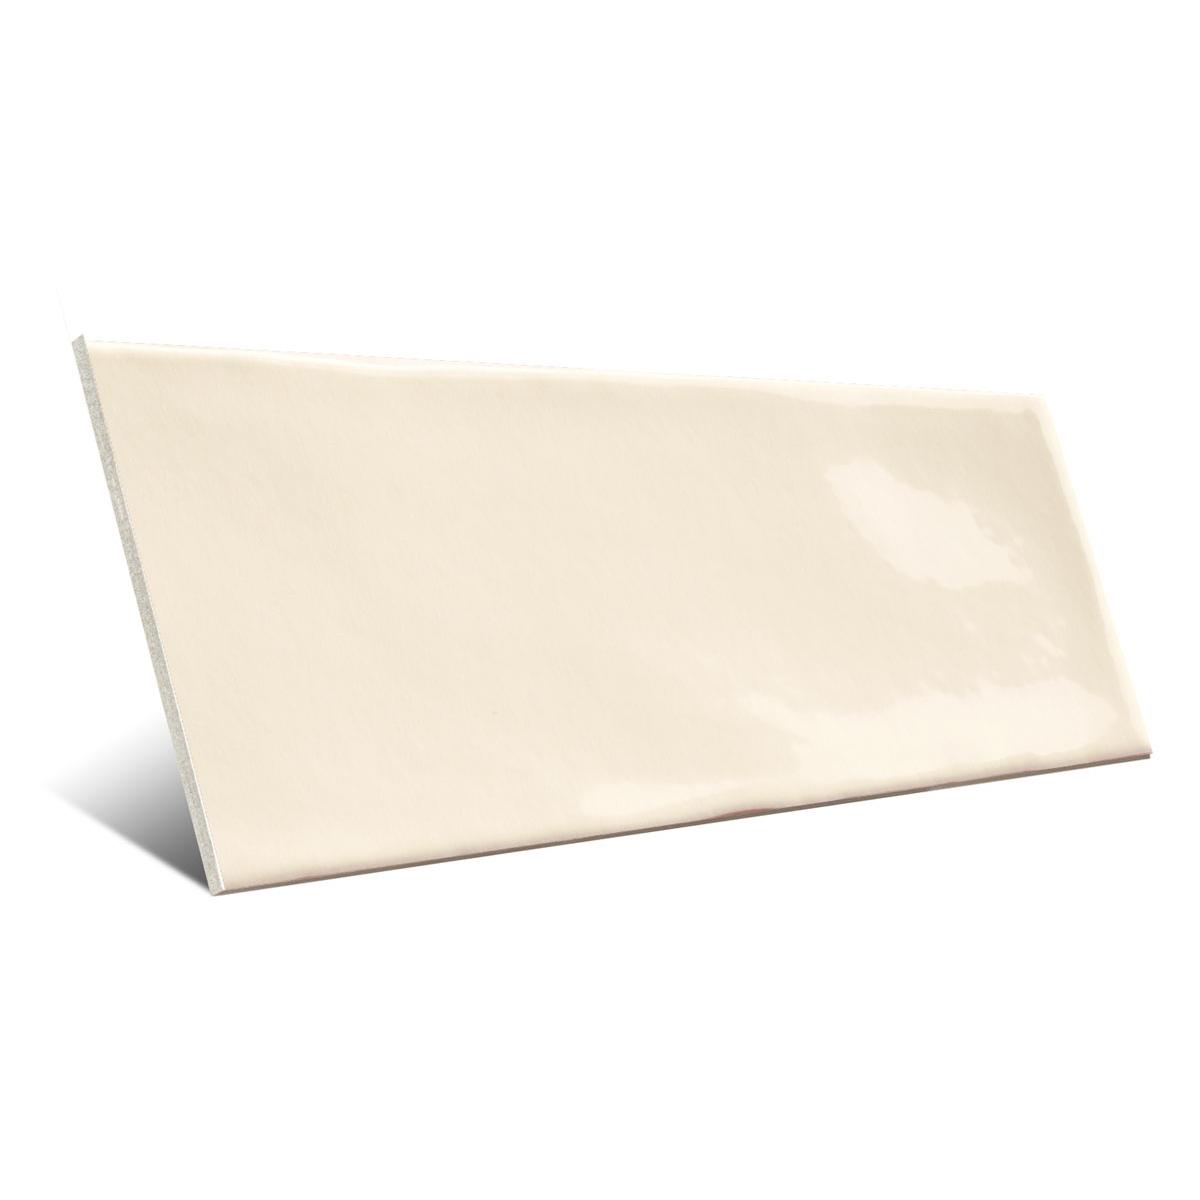 Bulevar Vison Ivory 7,5x15 cm (caja 0.5 m2)